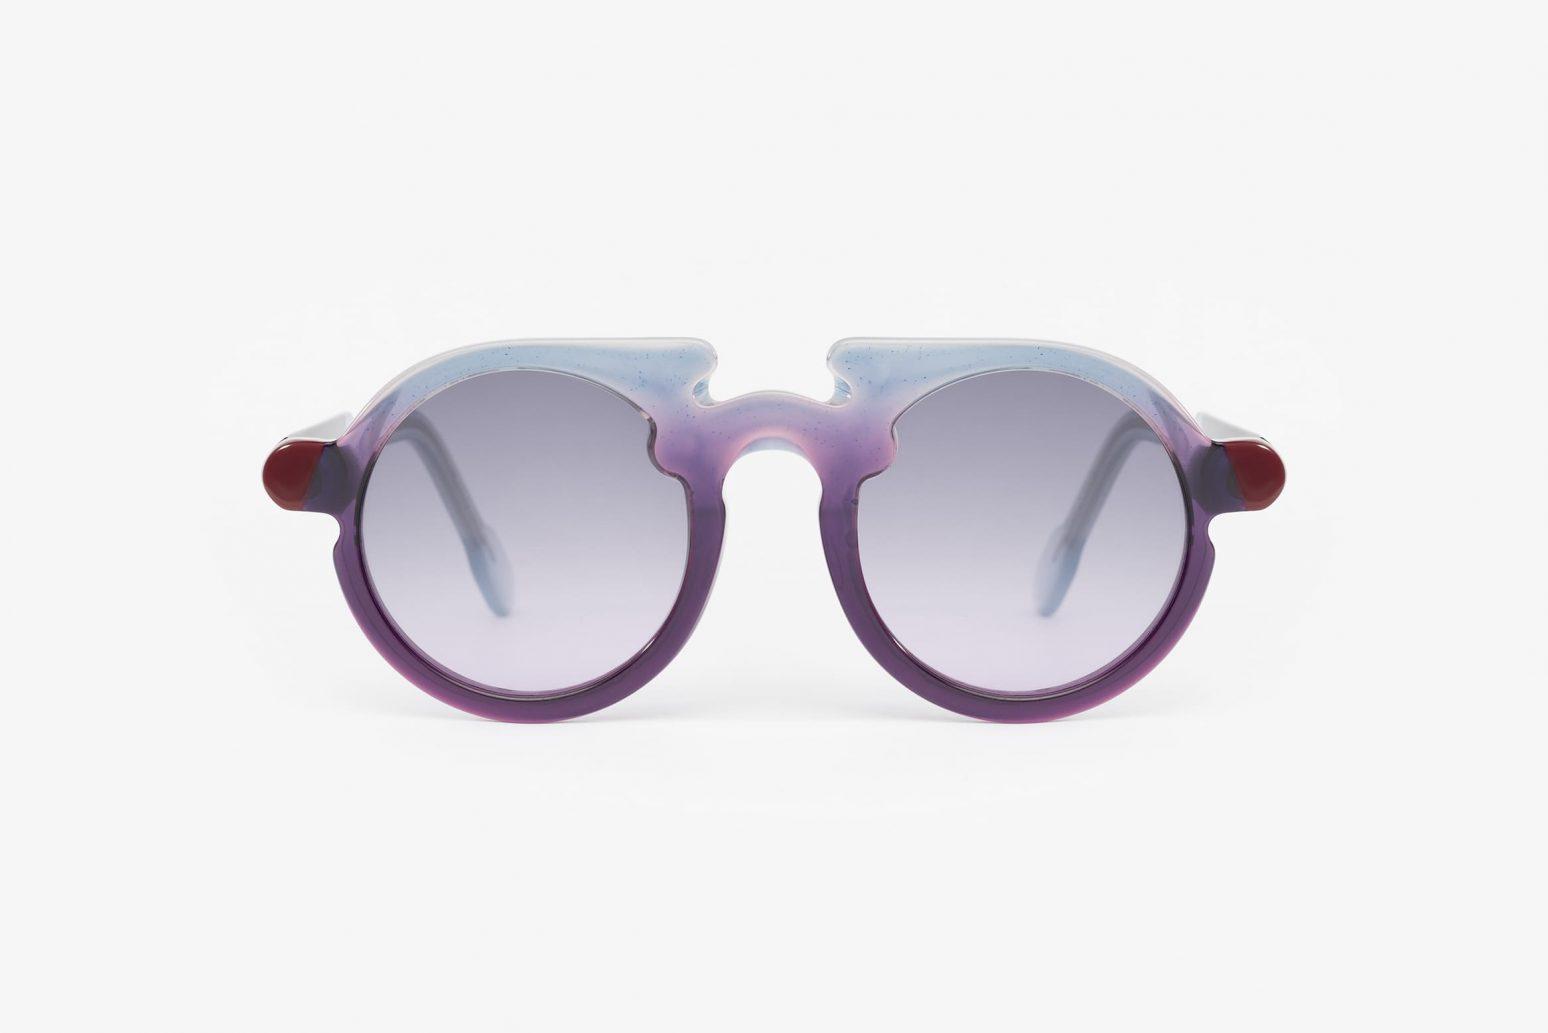 Sunglasses Flavin by Portrait Eyewear - Óptica Gran Vía Barcelona